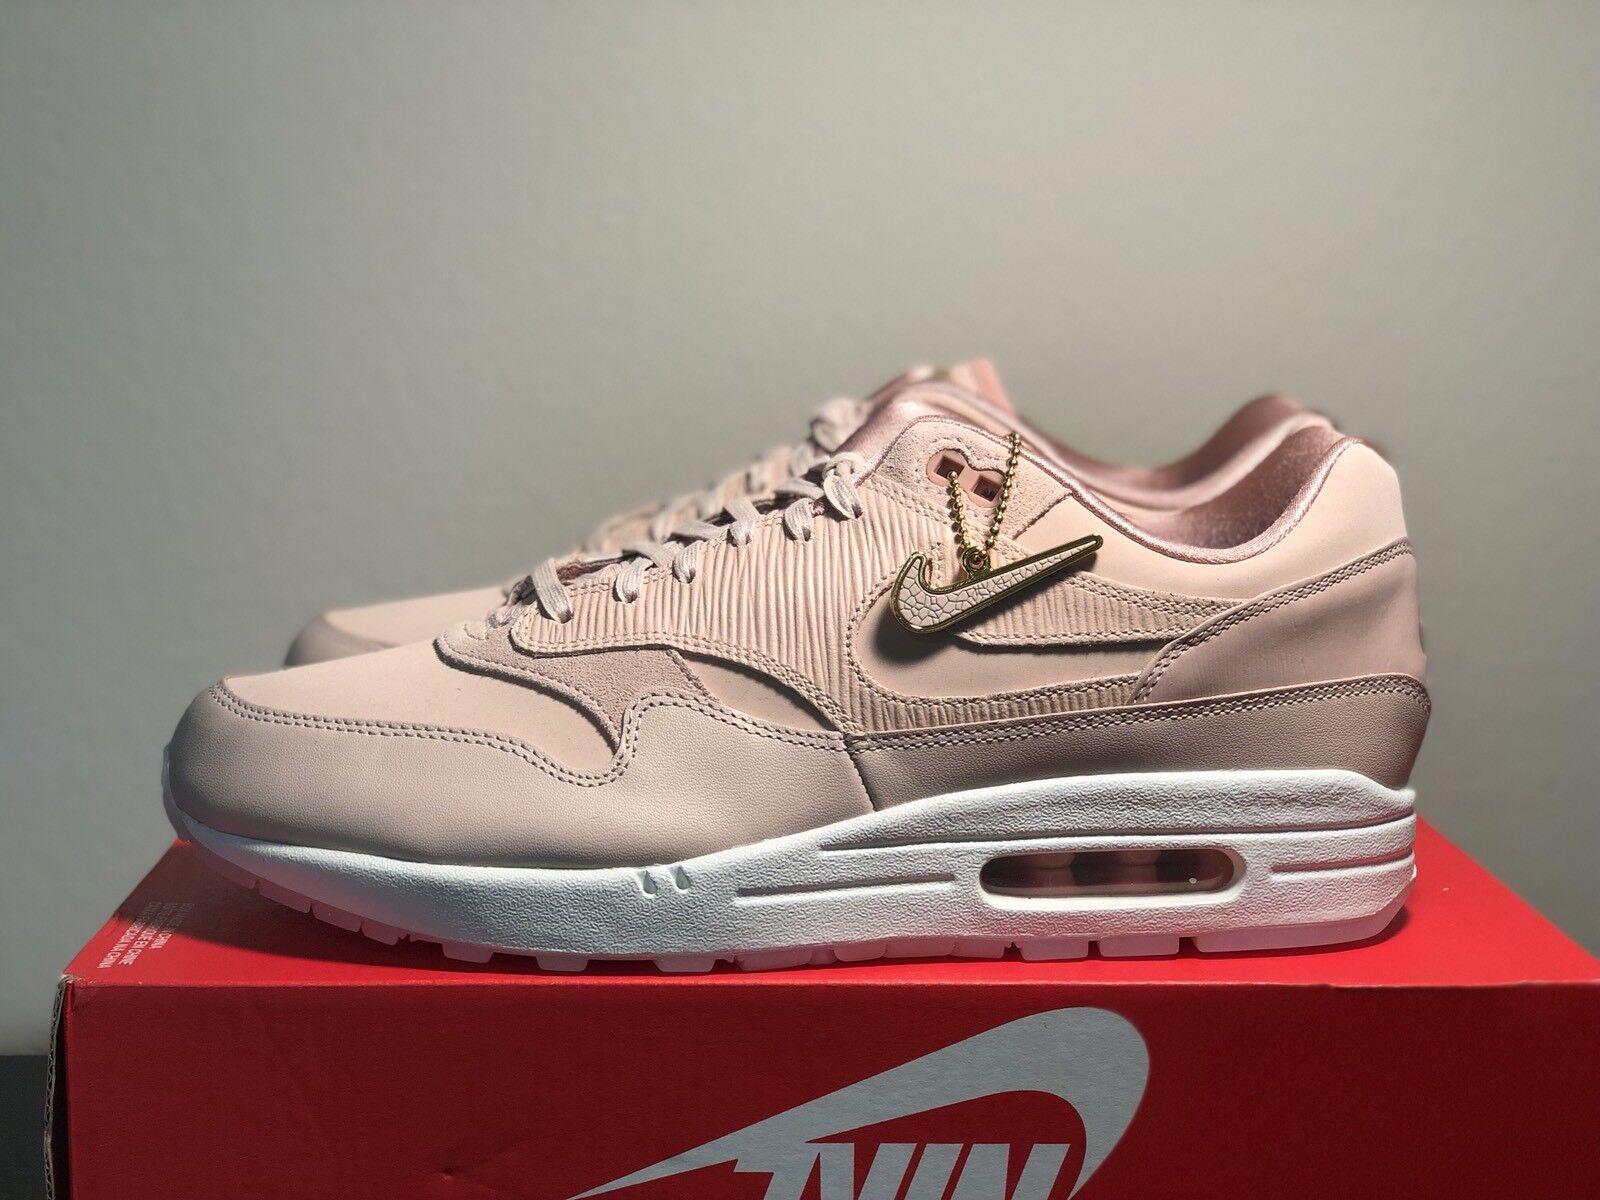 Nike air max 1 donna ridotta (dimensioni wmn '12 - Uomo è 454746-206 scorte morte)